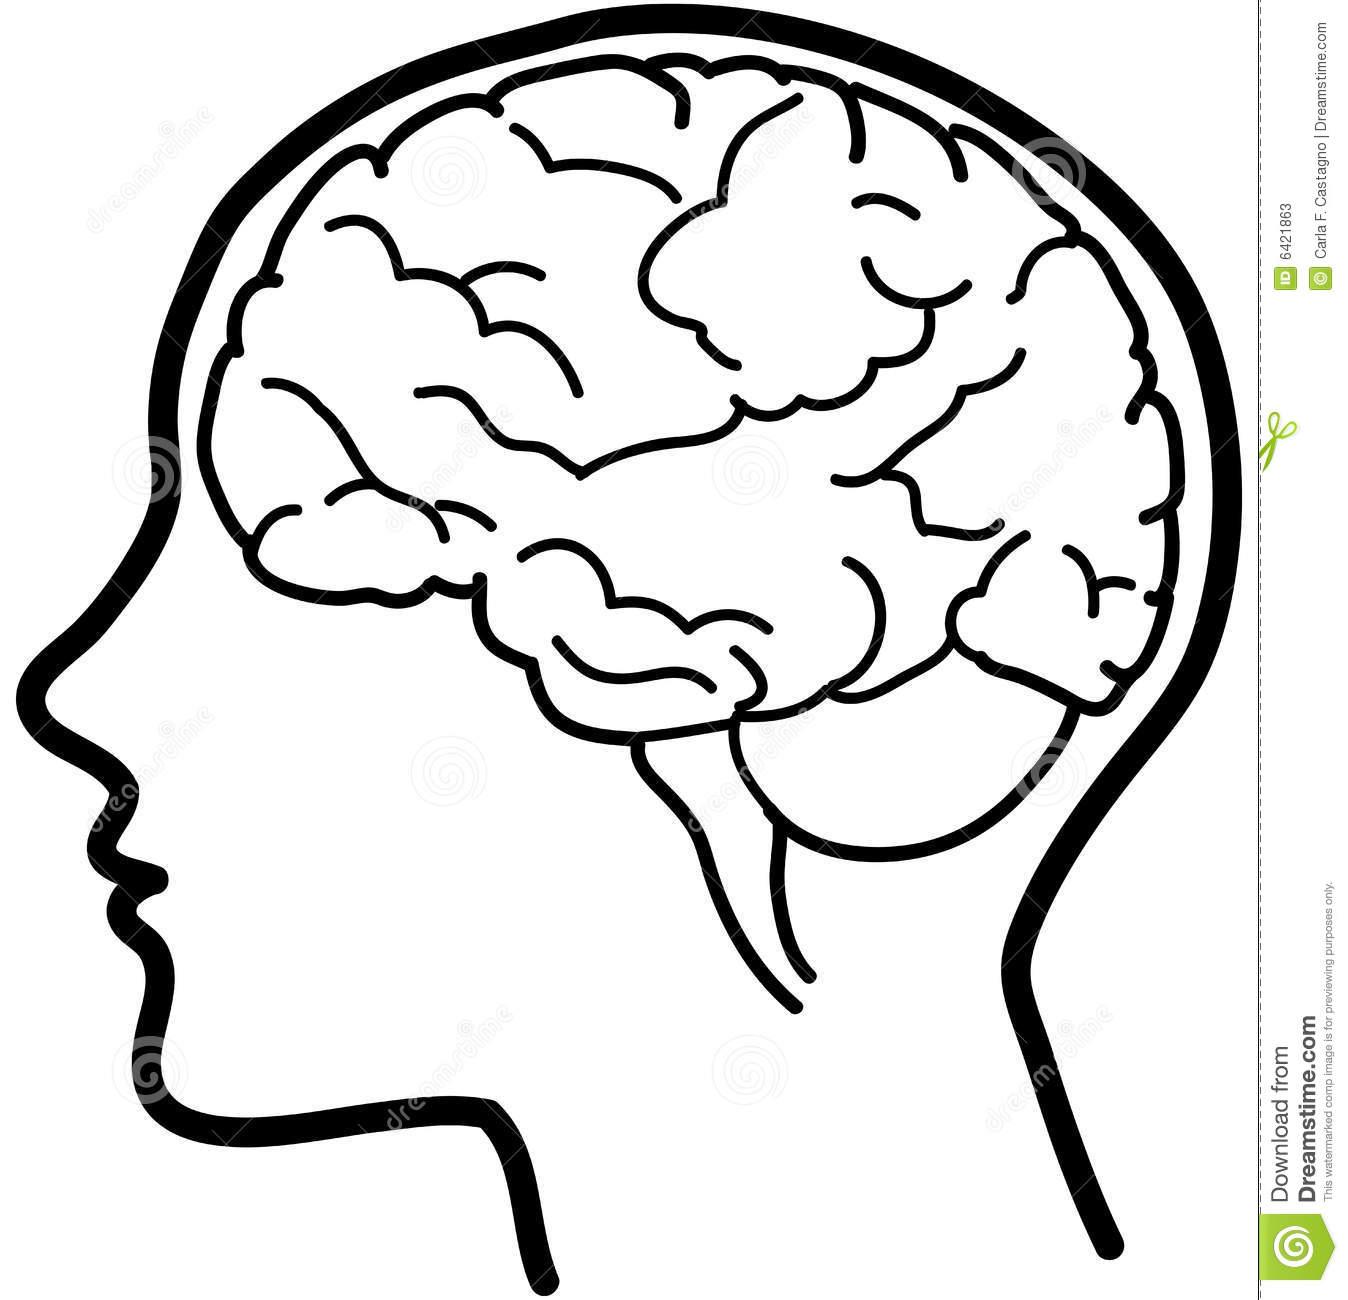 9 White Brain Icon Images